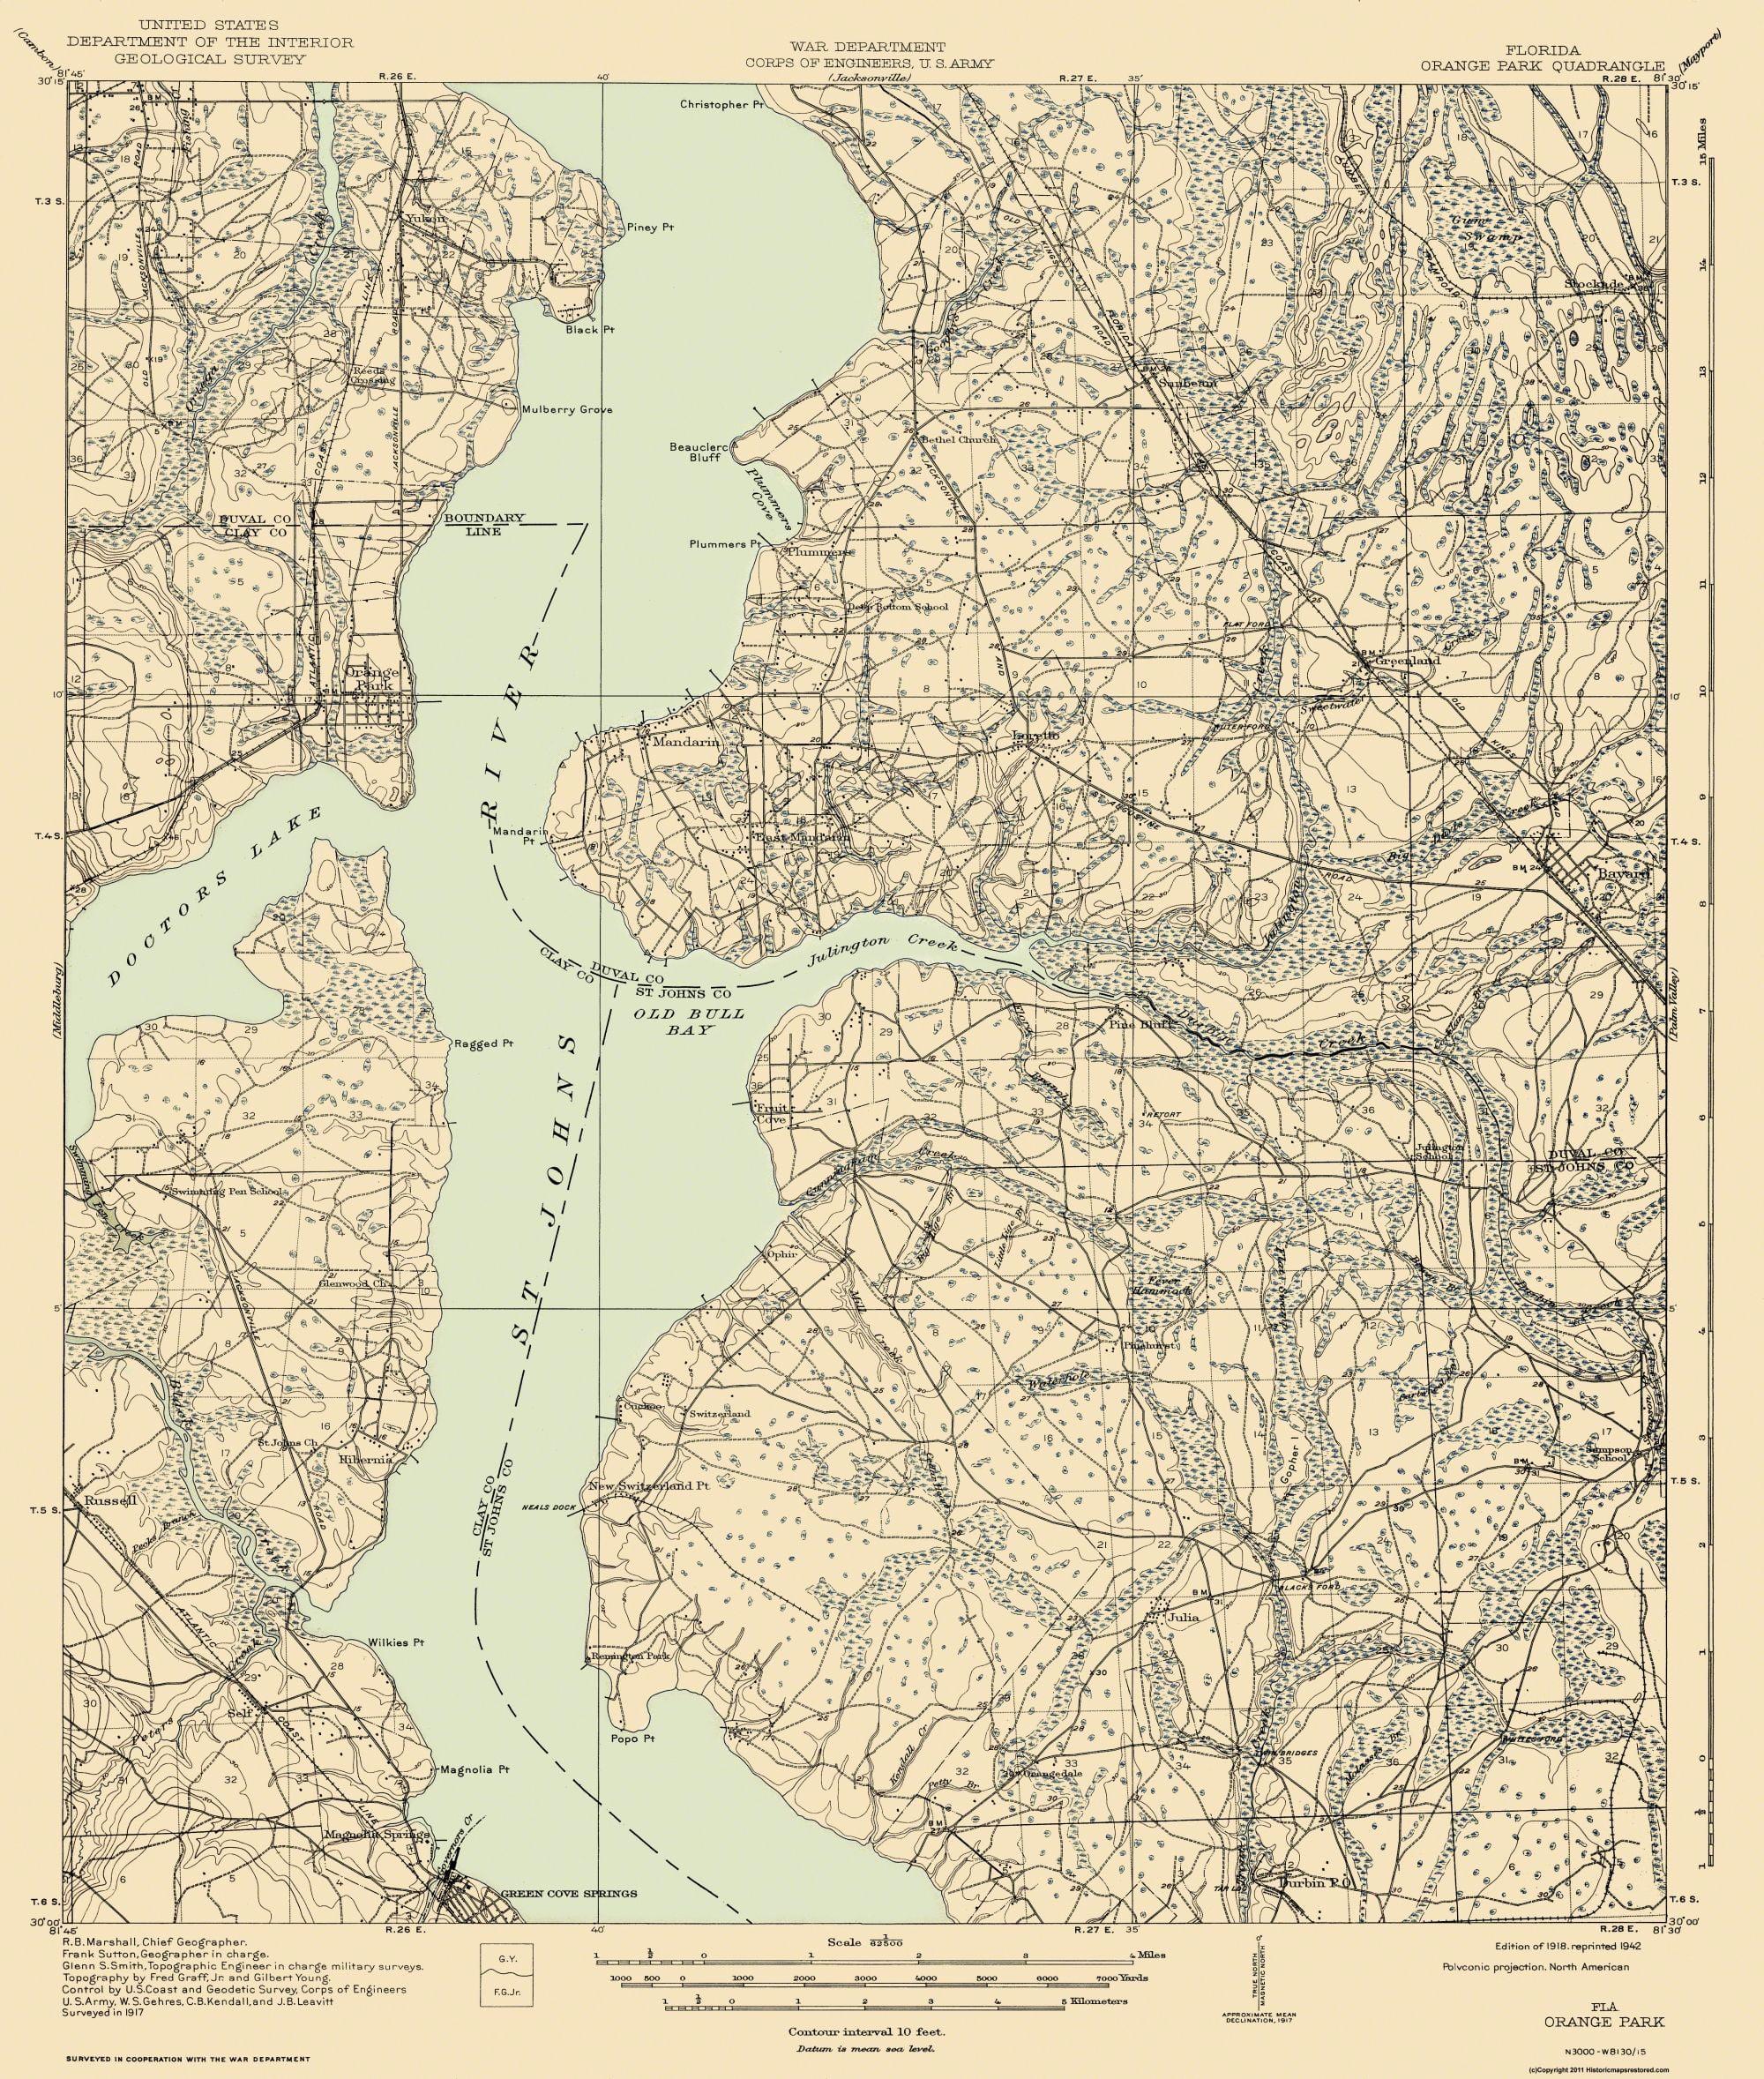 Old Topographical Map Print Orange Park Florida Quad USGS - Florida quad map